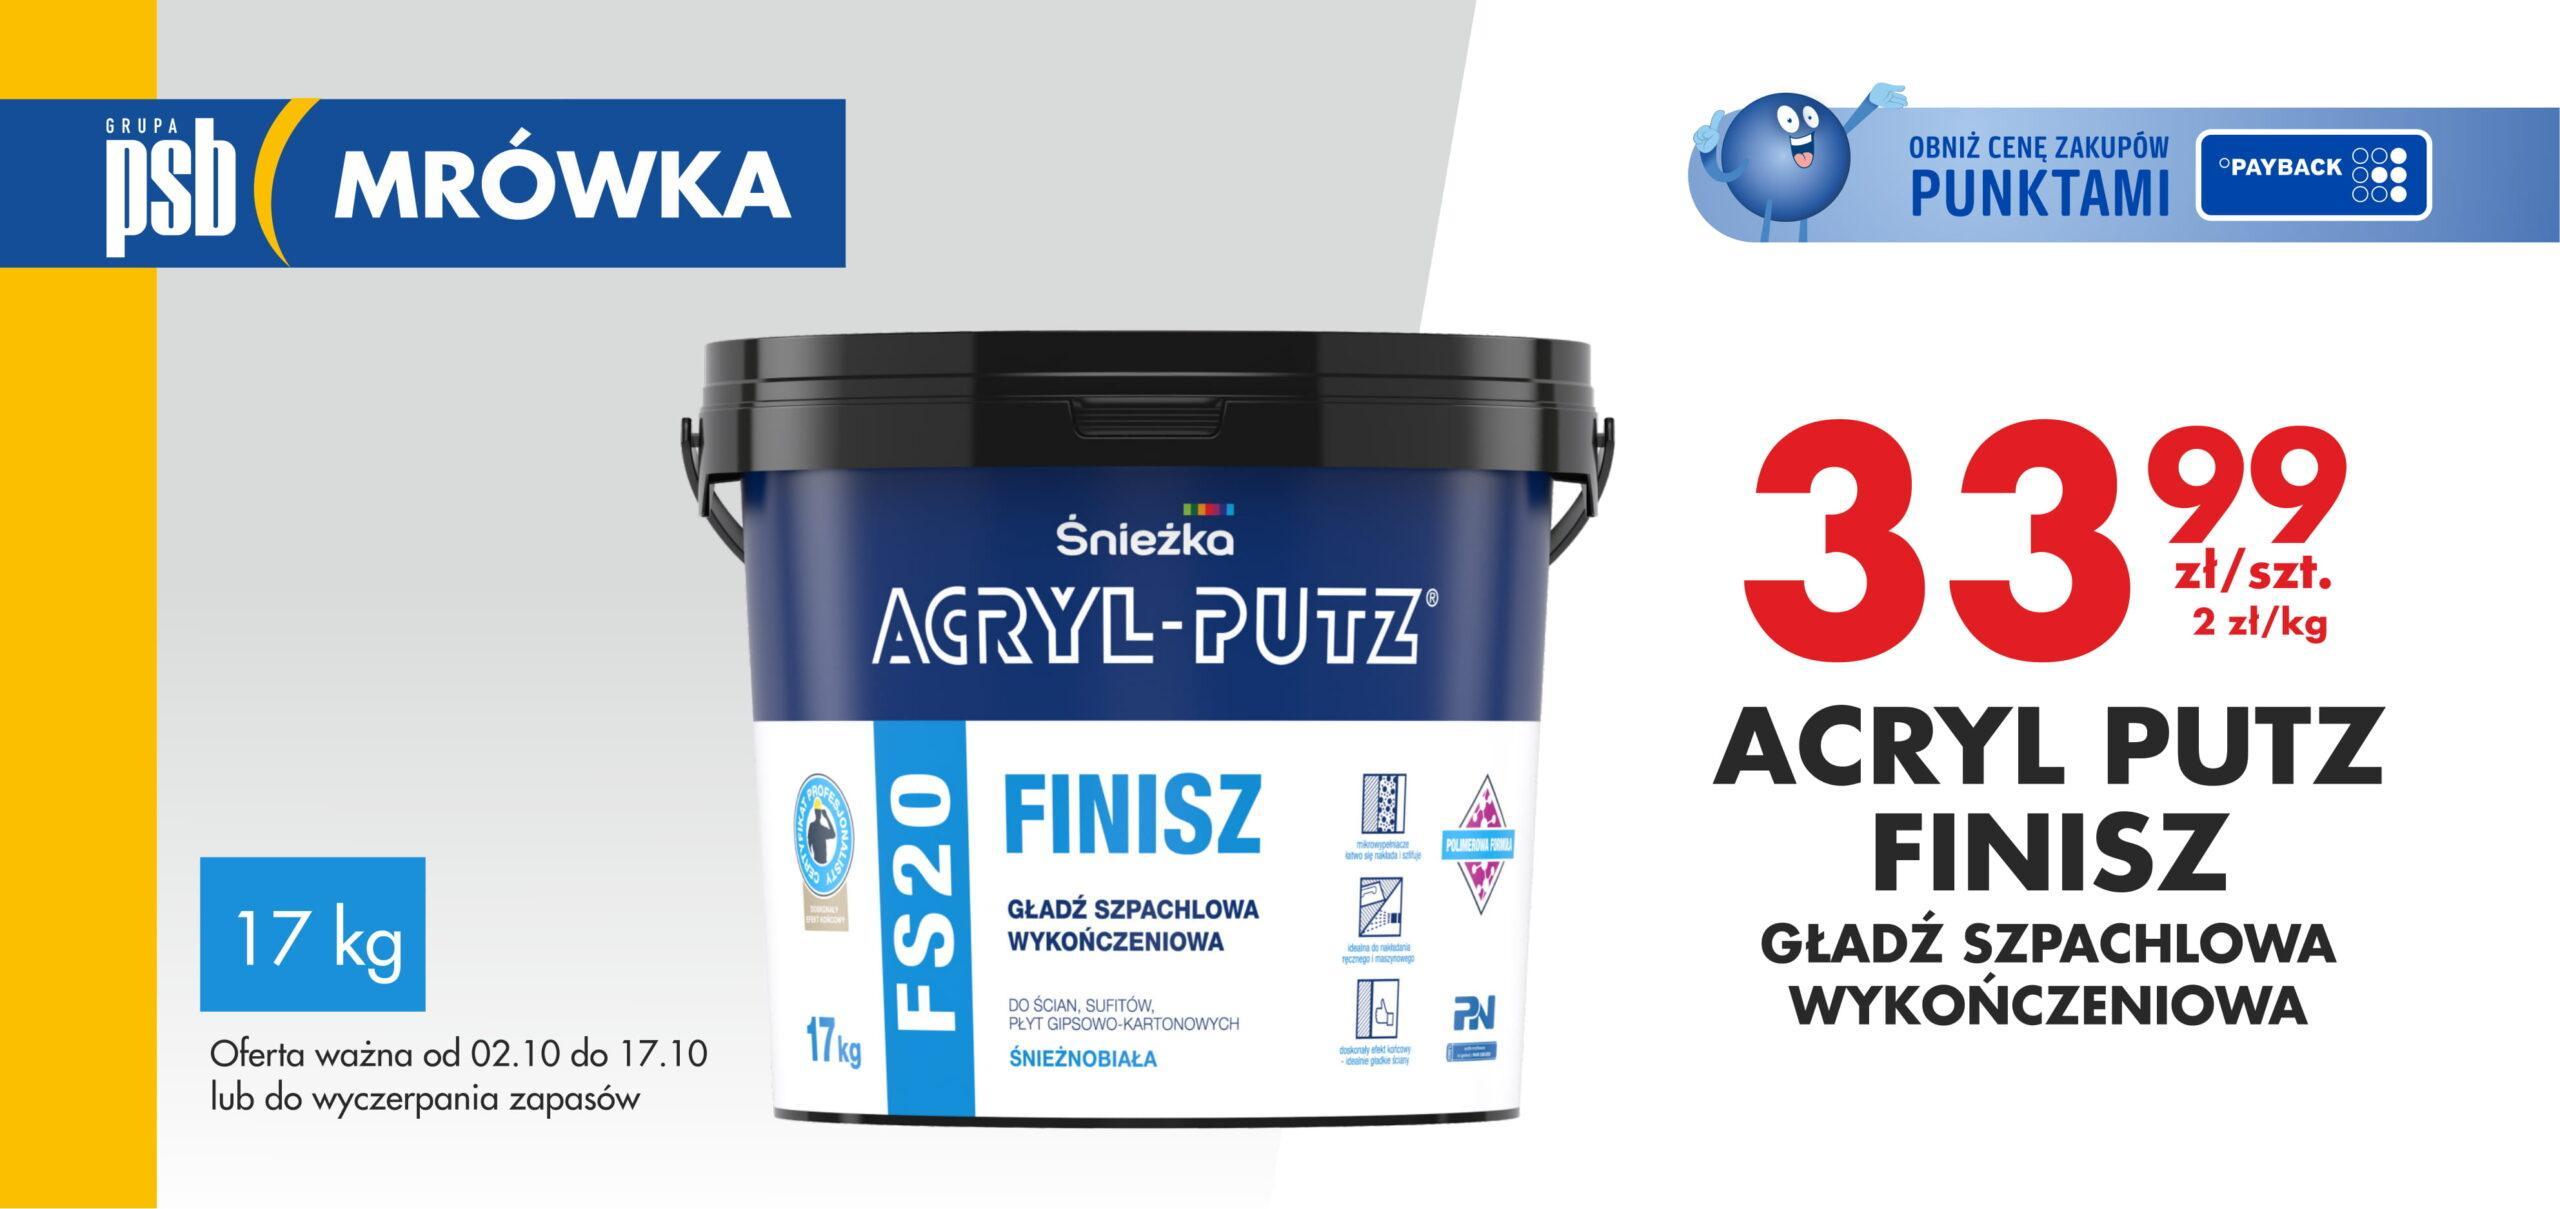 Acryl Putz 504x238-1